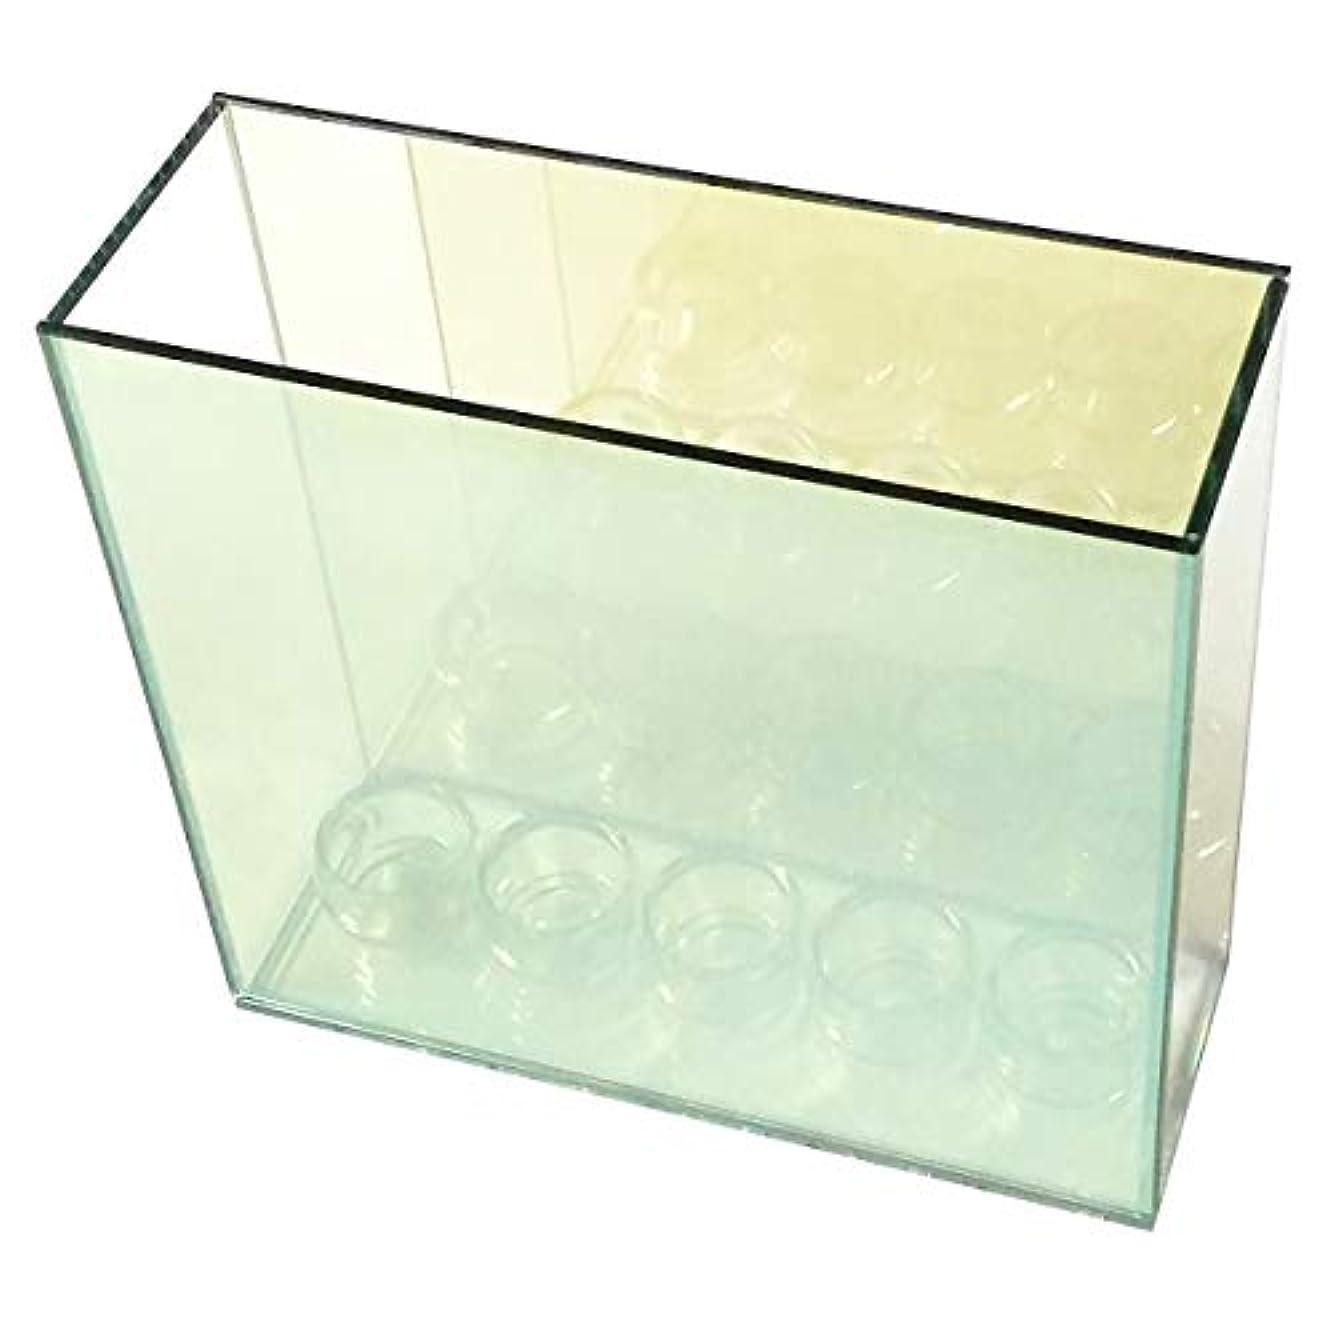 敏感な変更不和無限連鎖キャンドルホルダー 5連 ガラス キャンドルスタンド ランタン ティーライトキャンドル